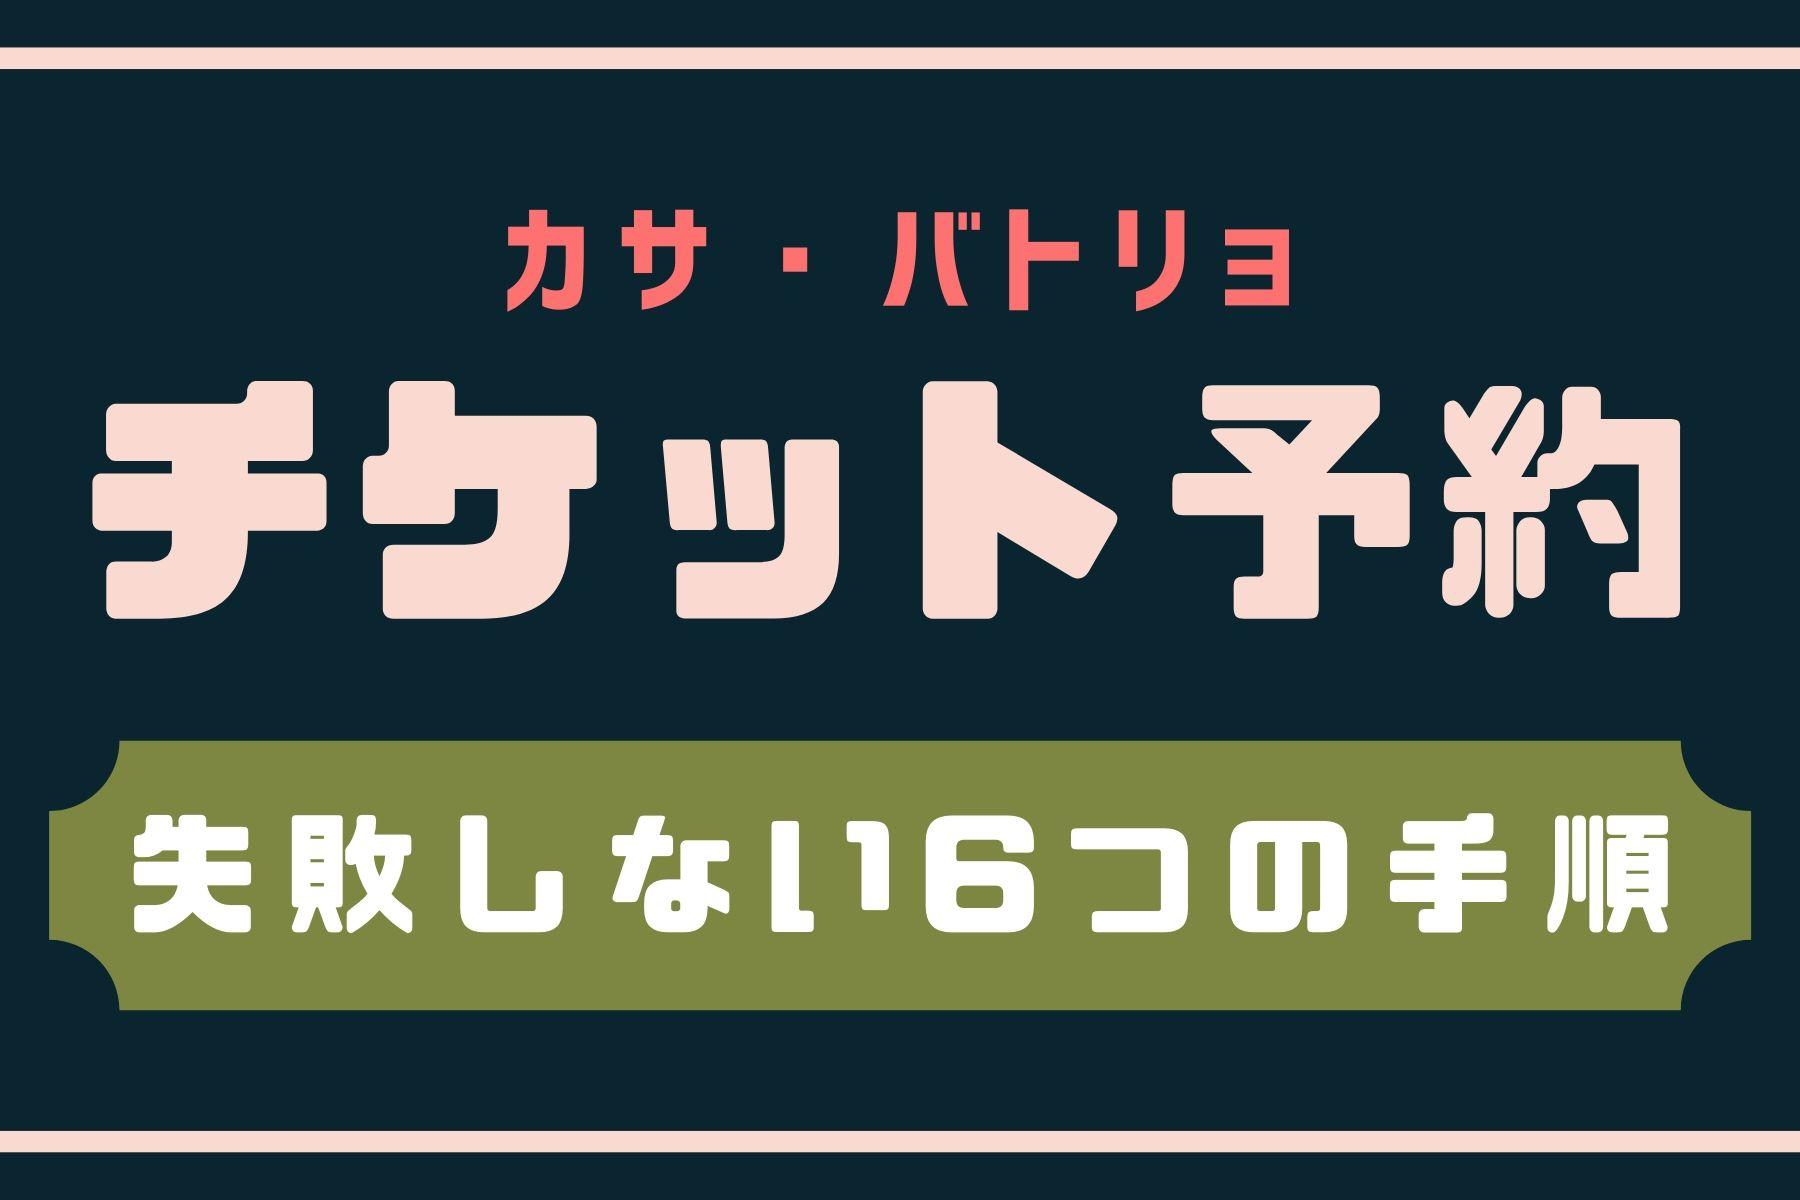 カサバトリョチケット予約